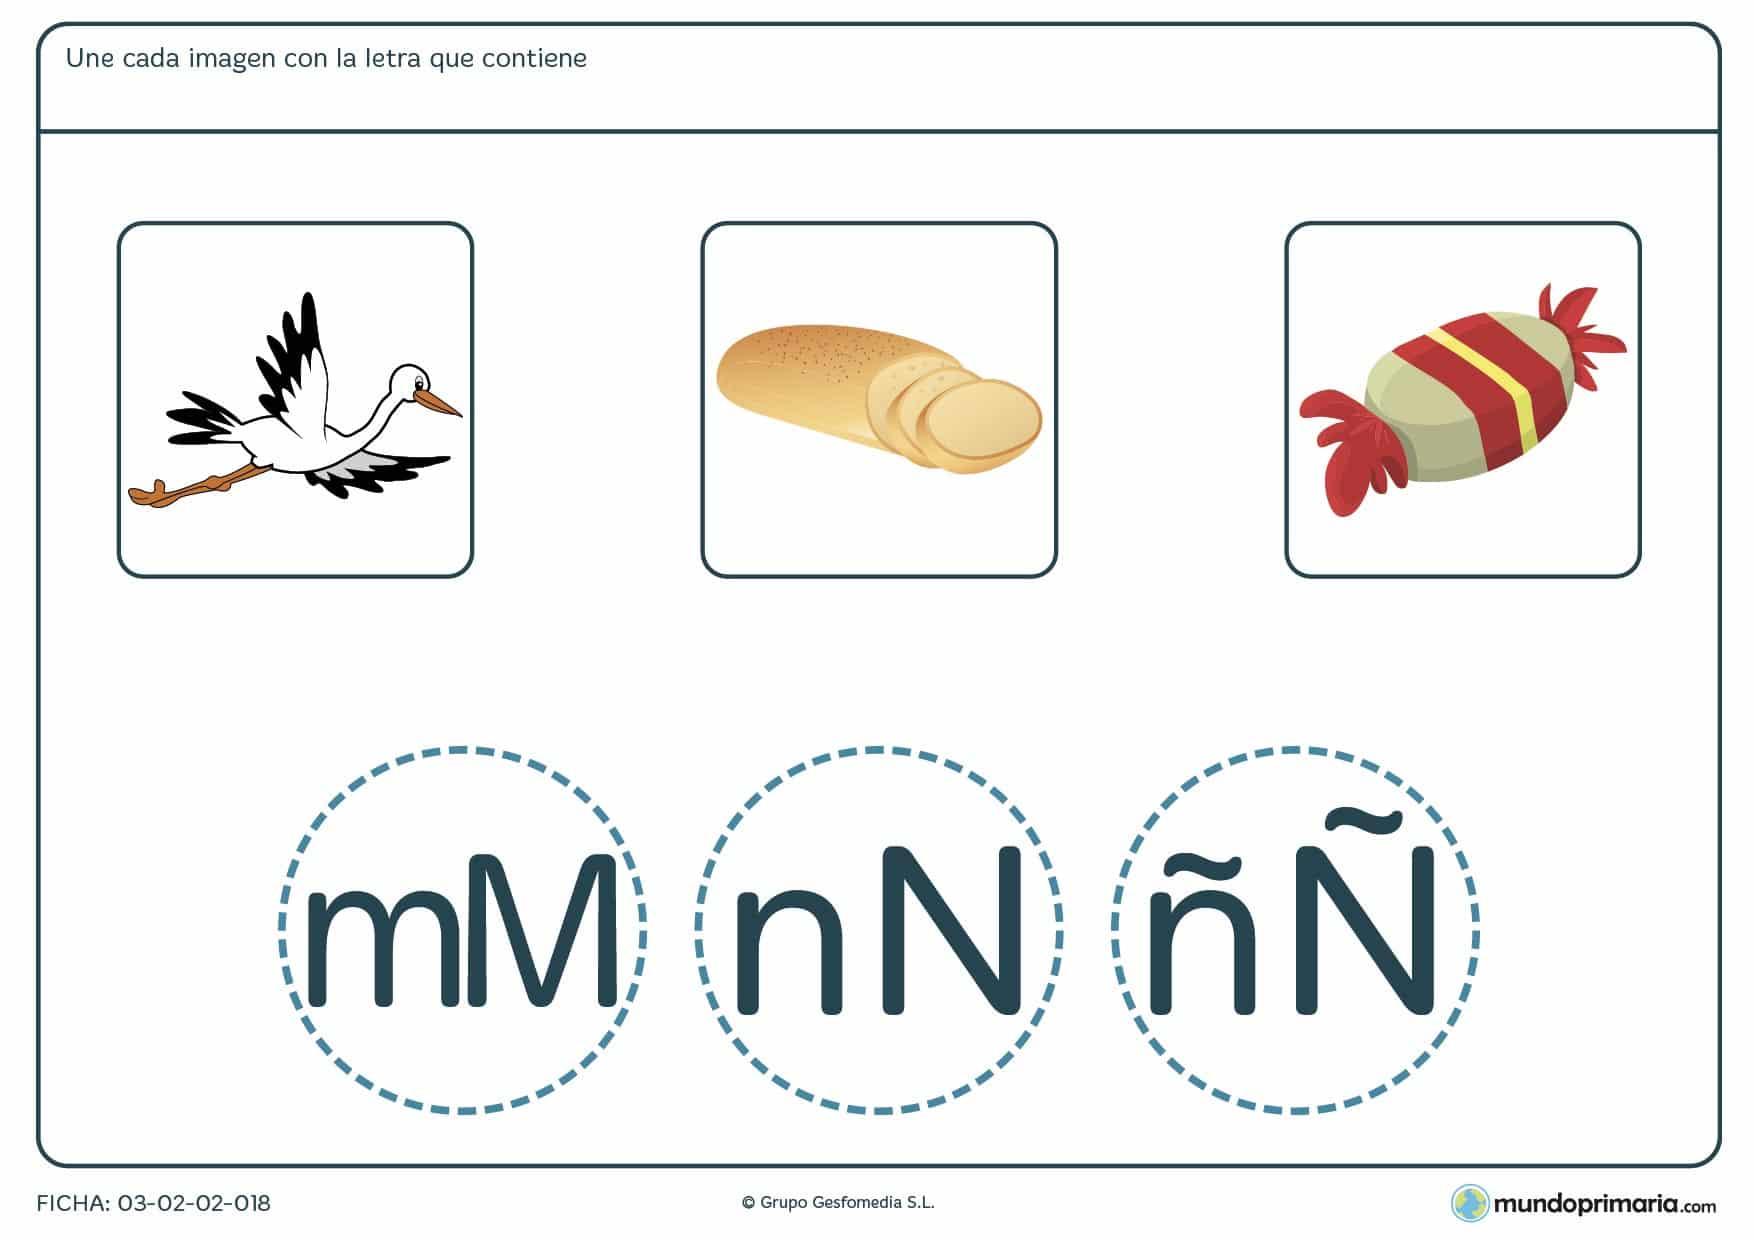 Ficha de palabras y letras para unir y aprender vocabulario y practicar ortografía en 1º de Primaria.